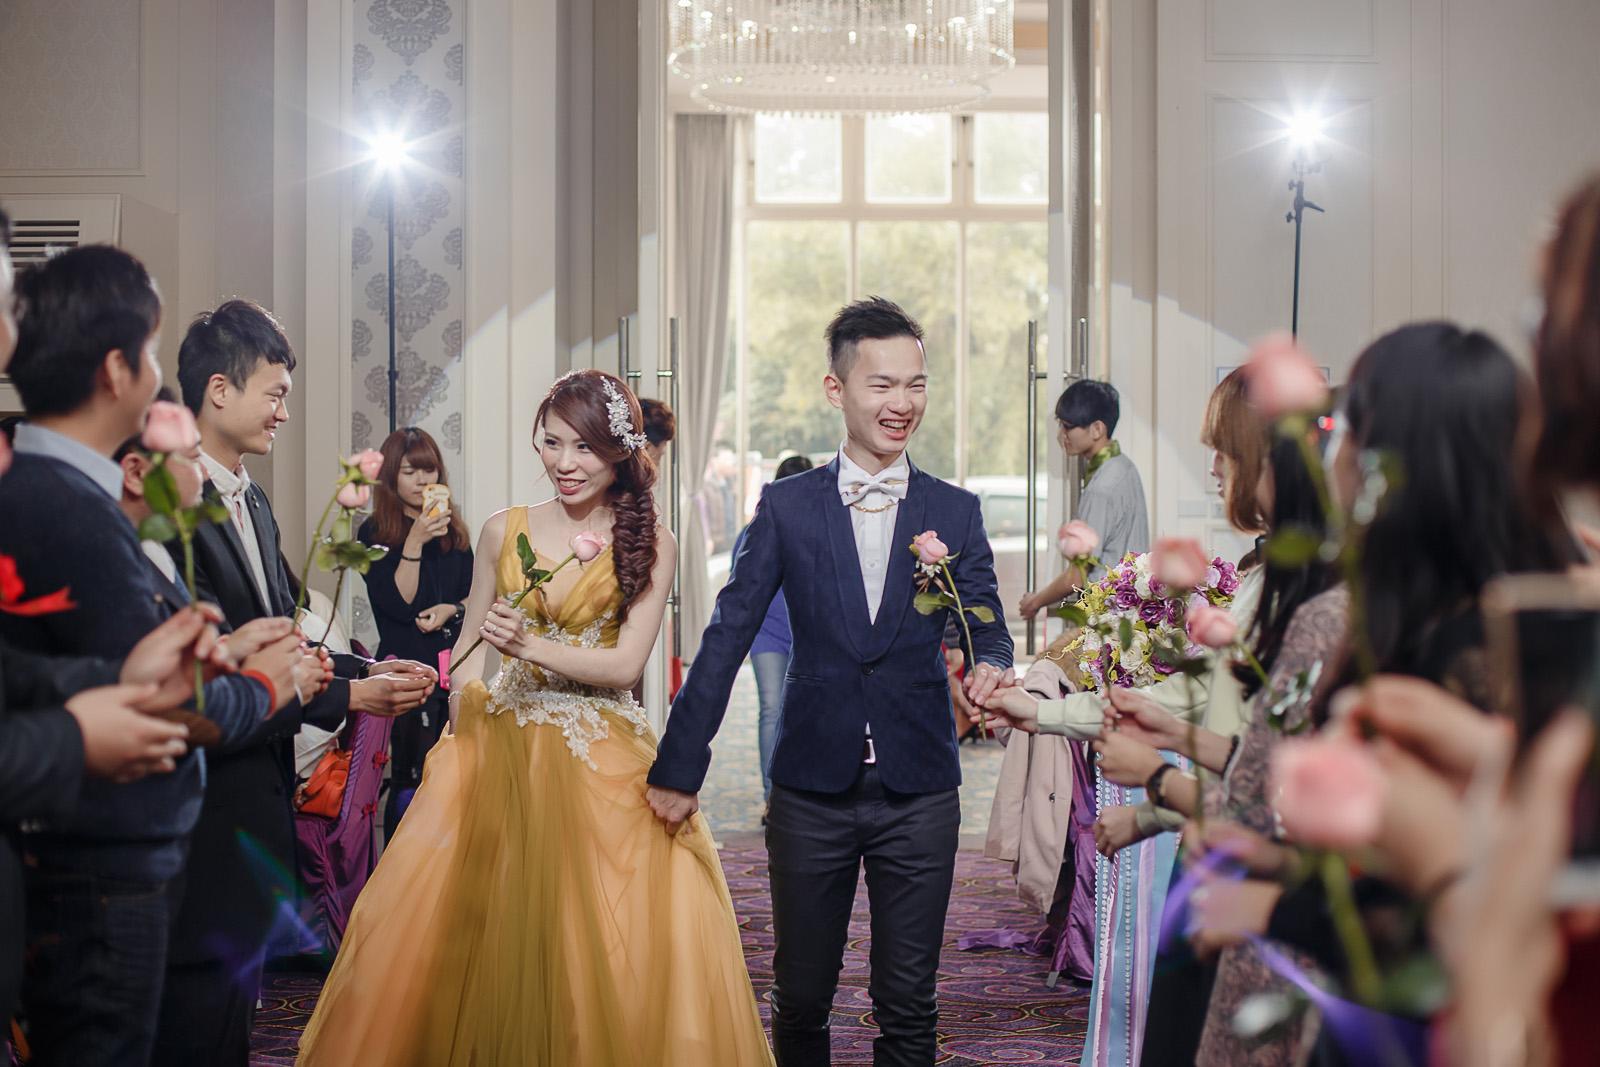 高雄圓山飯店,婚禮攝影,婚攝,高雄婚攝,優質婚攝推薦,Jen&Ethan-278